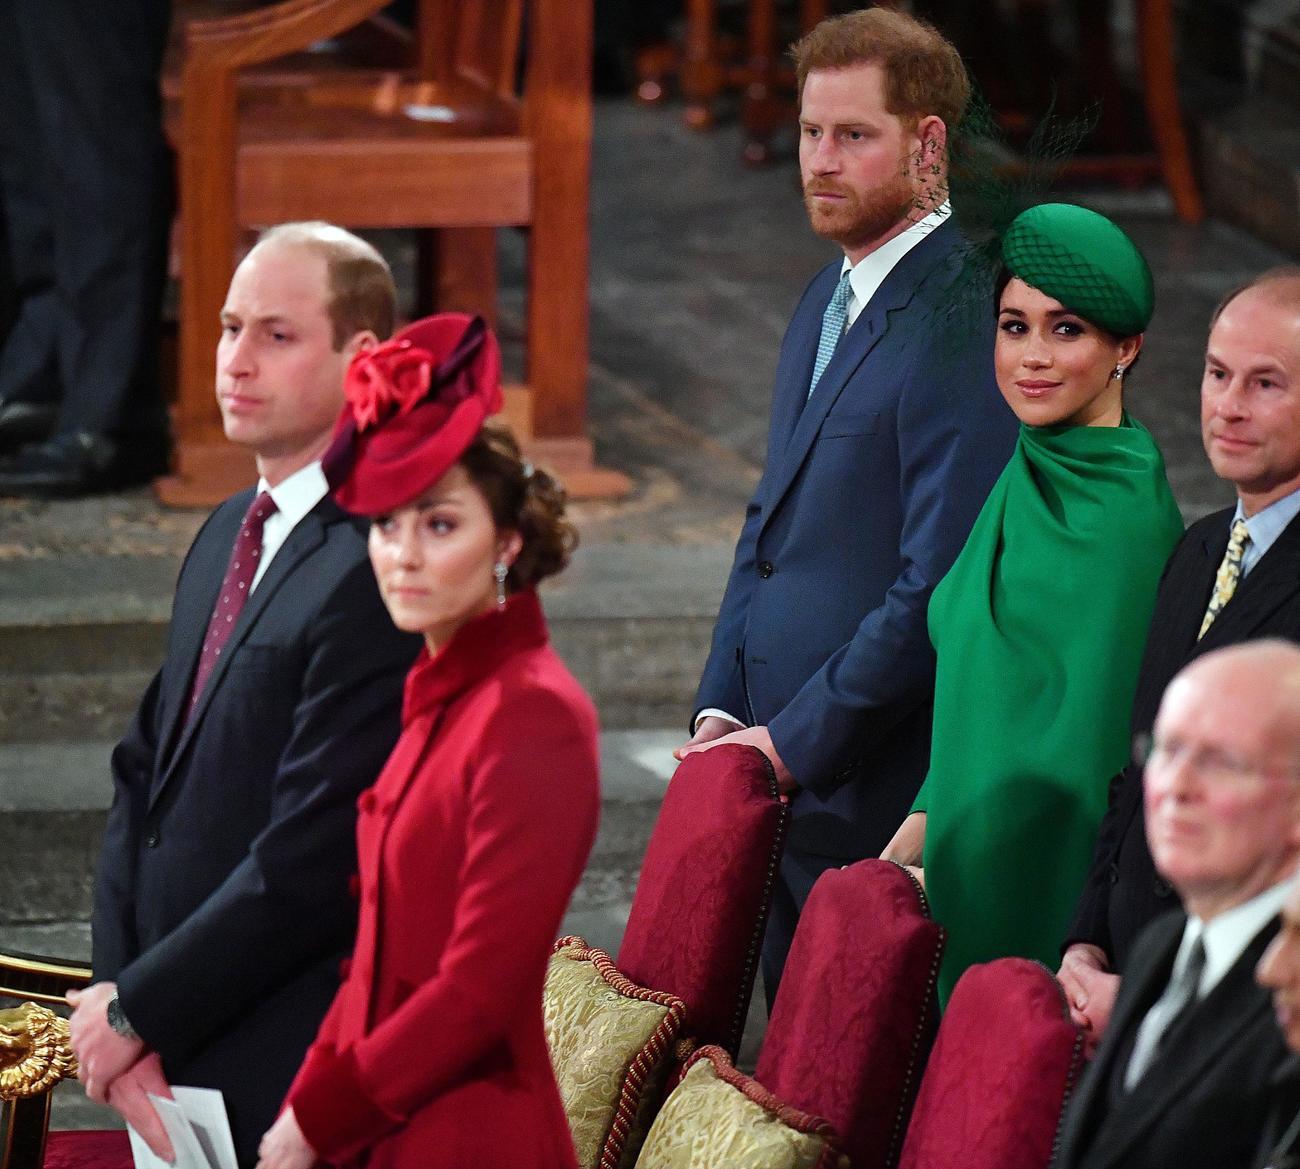 コモンウェルス・デー式典に臨んだ最前列に着席するウィリアム王子夫妻と2列目の席に座るヘンリー王子夫妻(ロイター)